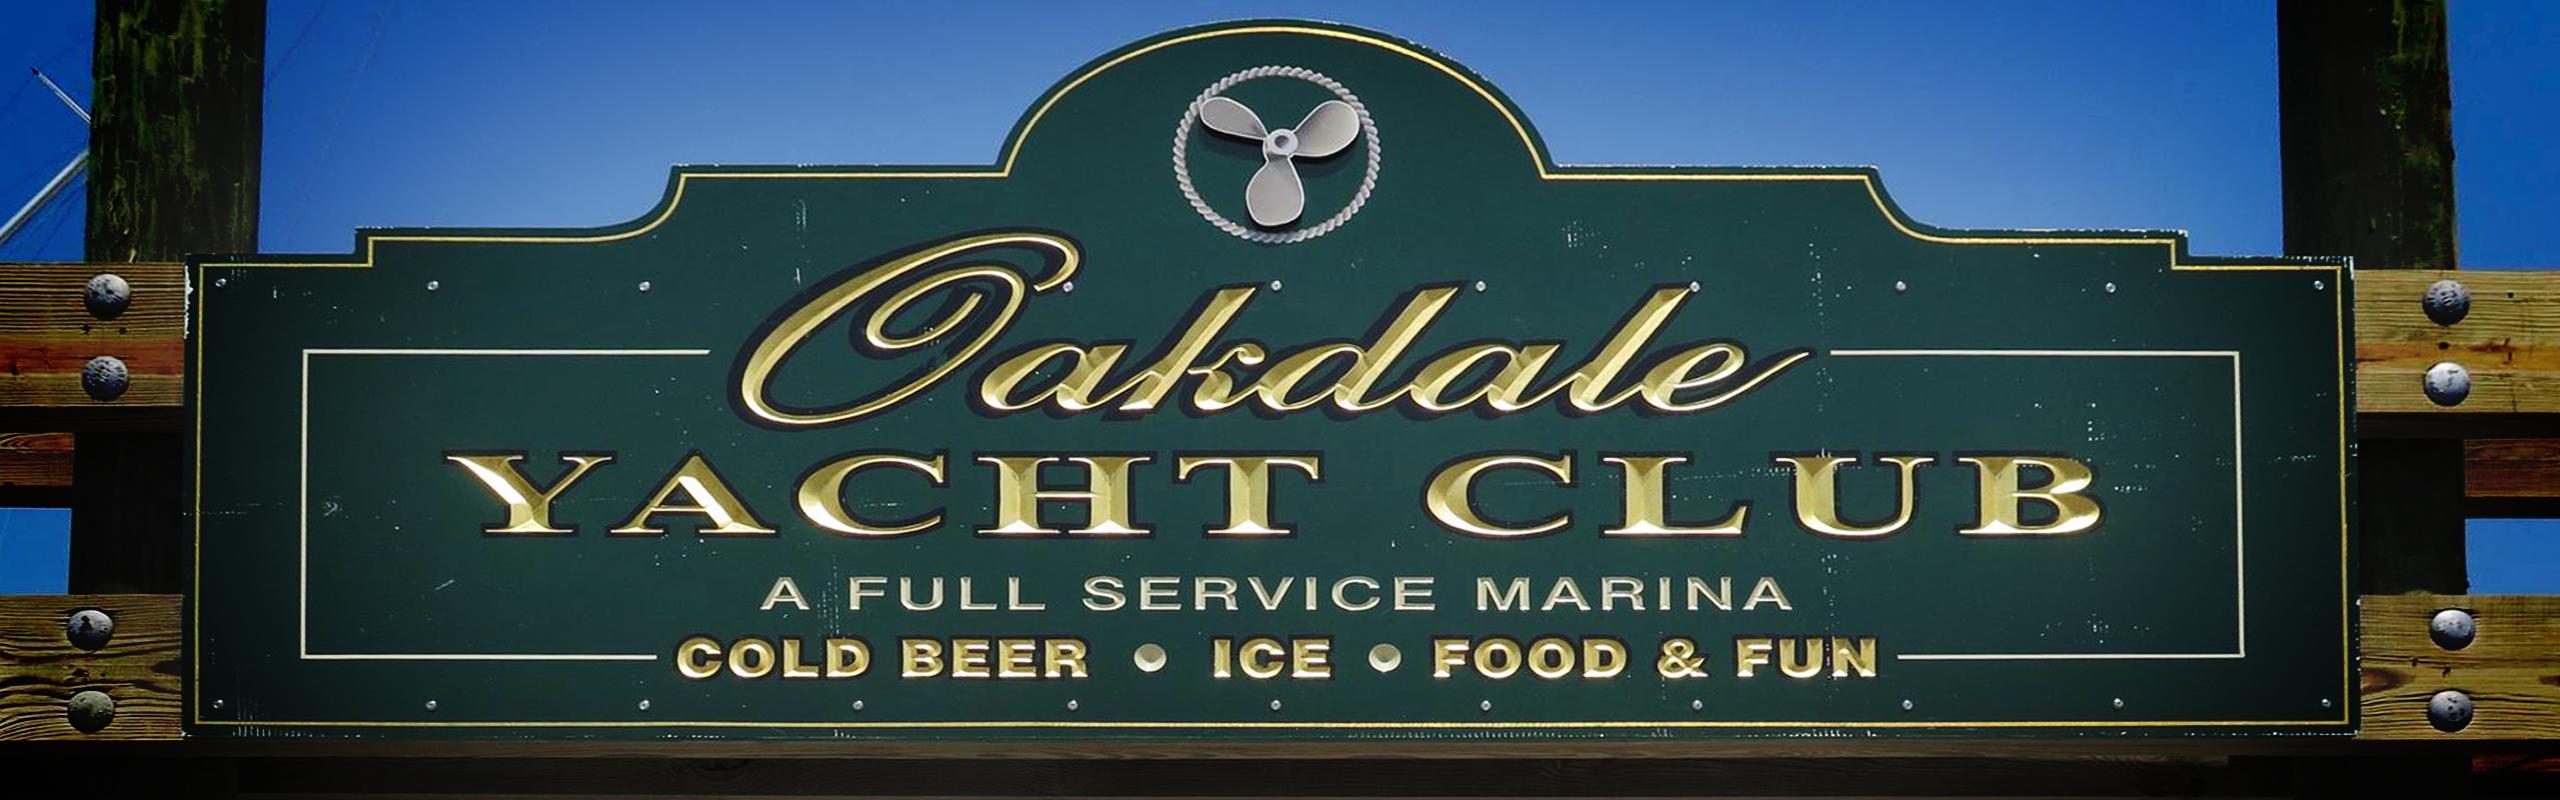 oakdale yacht club